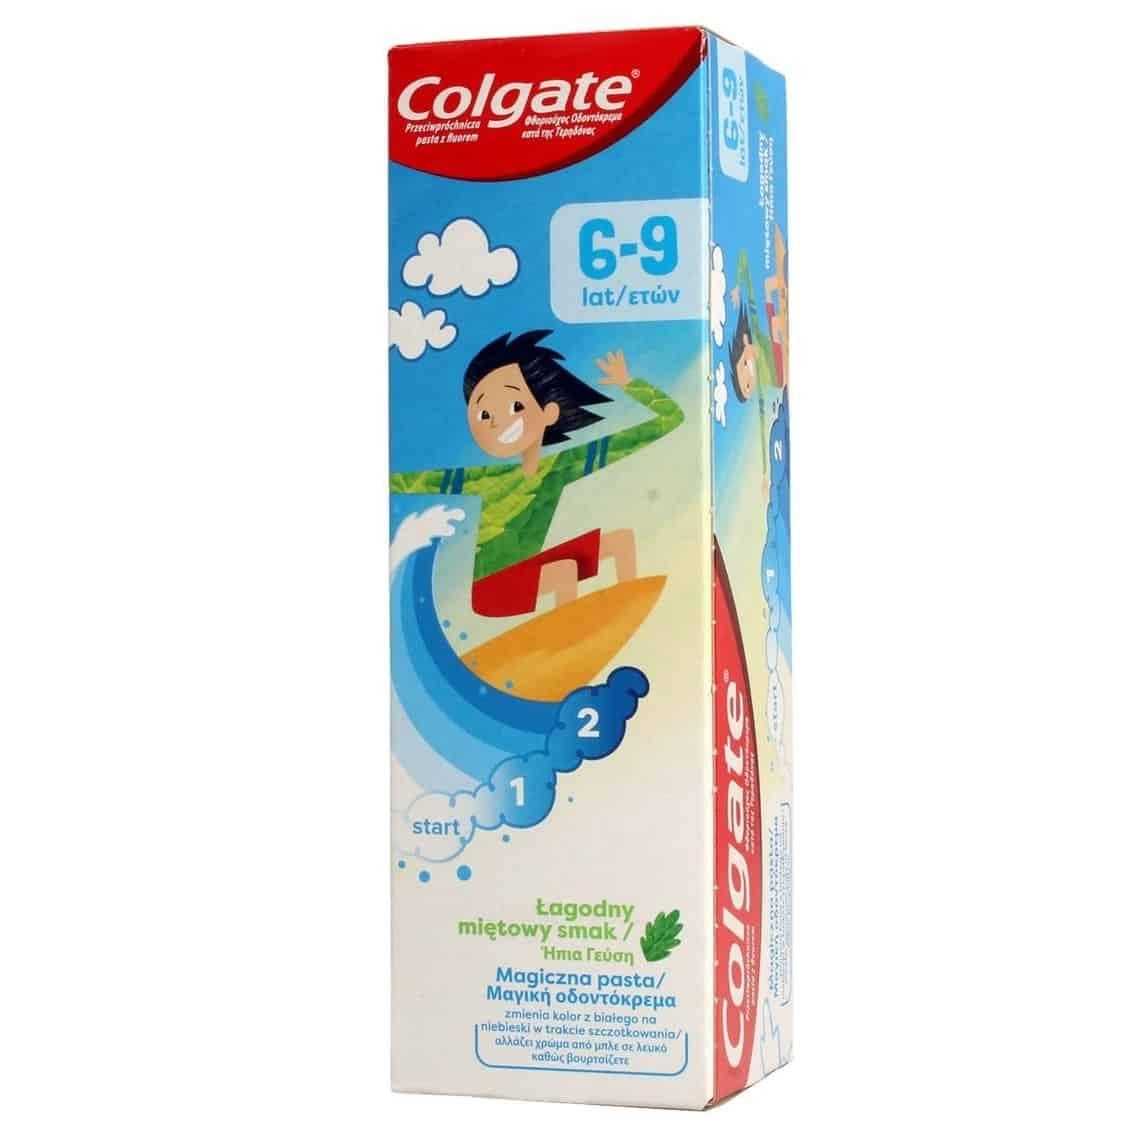 Colgate Junior, magiczna pasta dozębów dla dzieci 6-9 lat, zfluorem, Matka Aptekarka